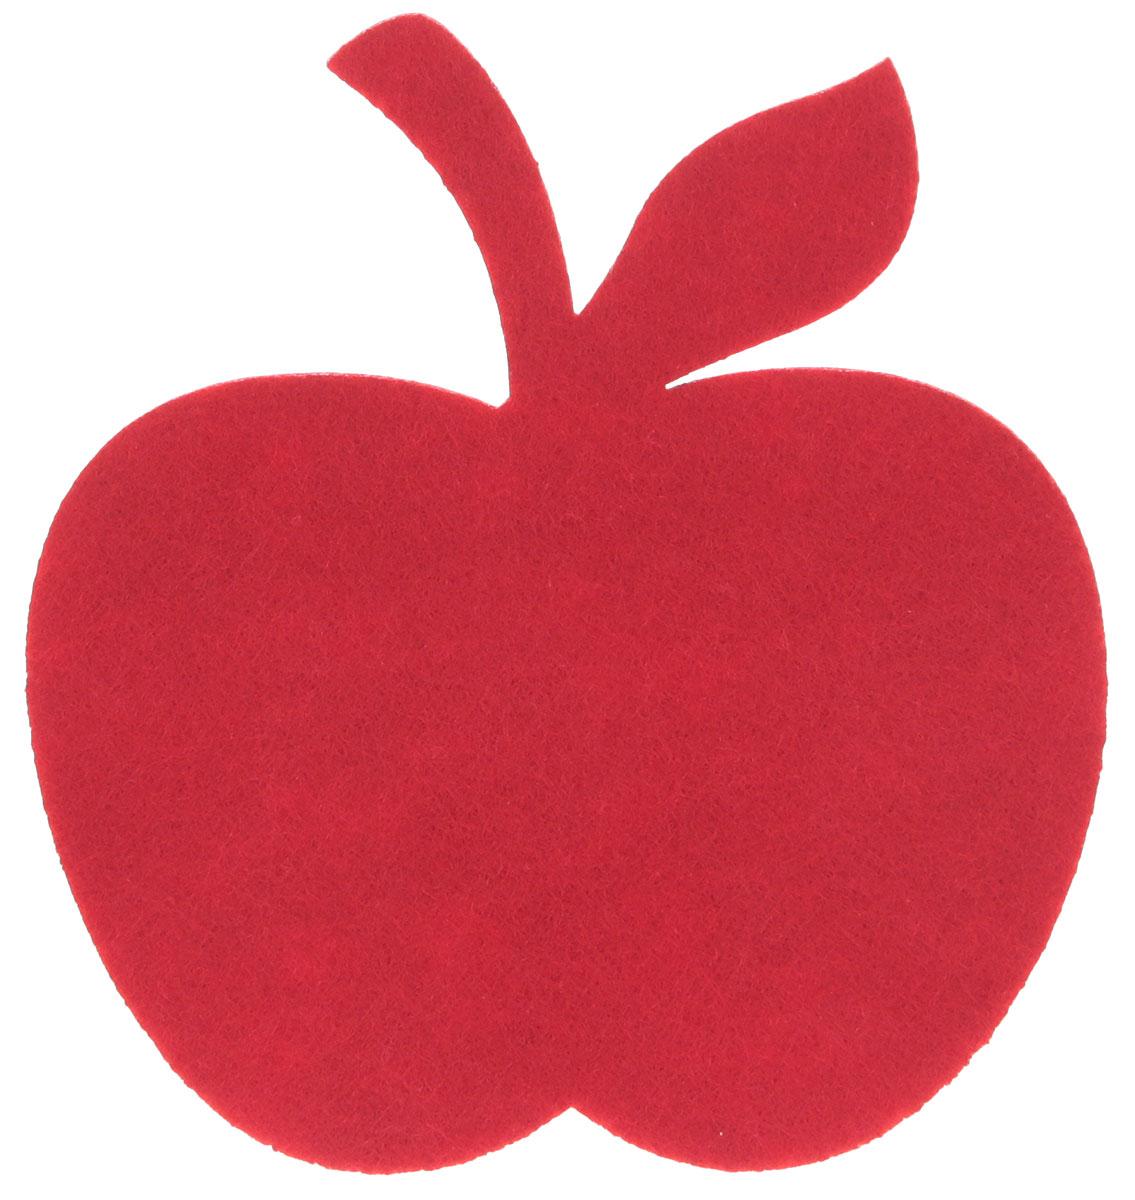 Подставка под горячее Marmiton Яблоко, цвет: красный, 11 х 11 см салфетка для сервировки стола marmiton термостойкая подставка складная marmiton красный 21 6х21 6х1 см